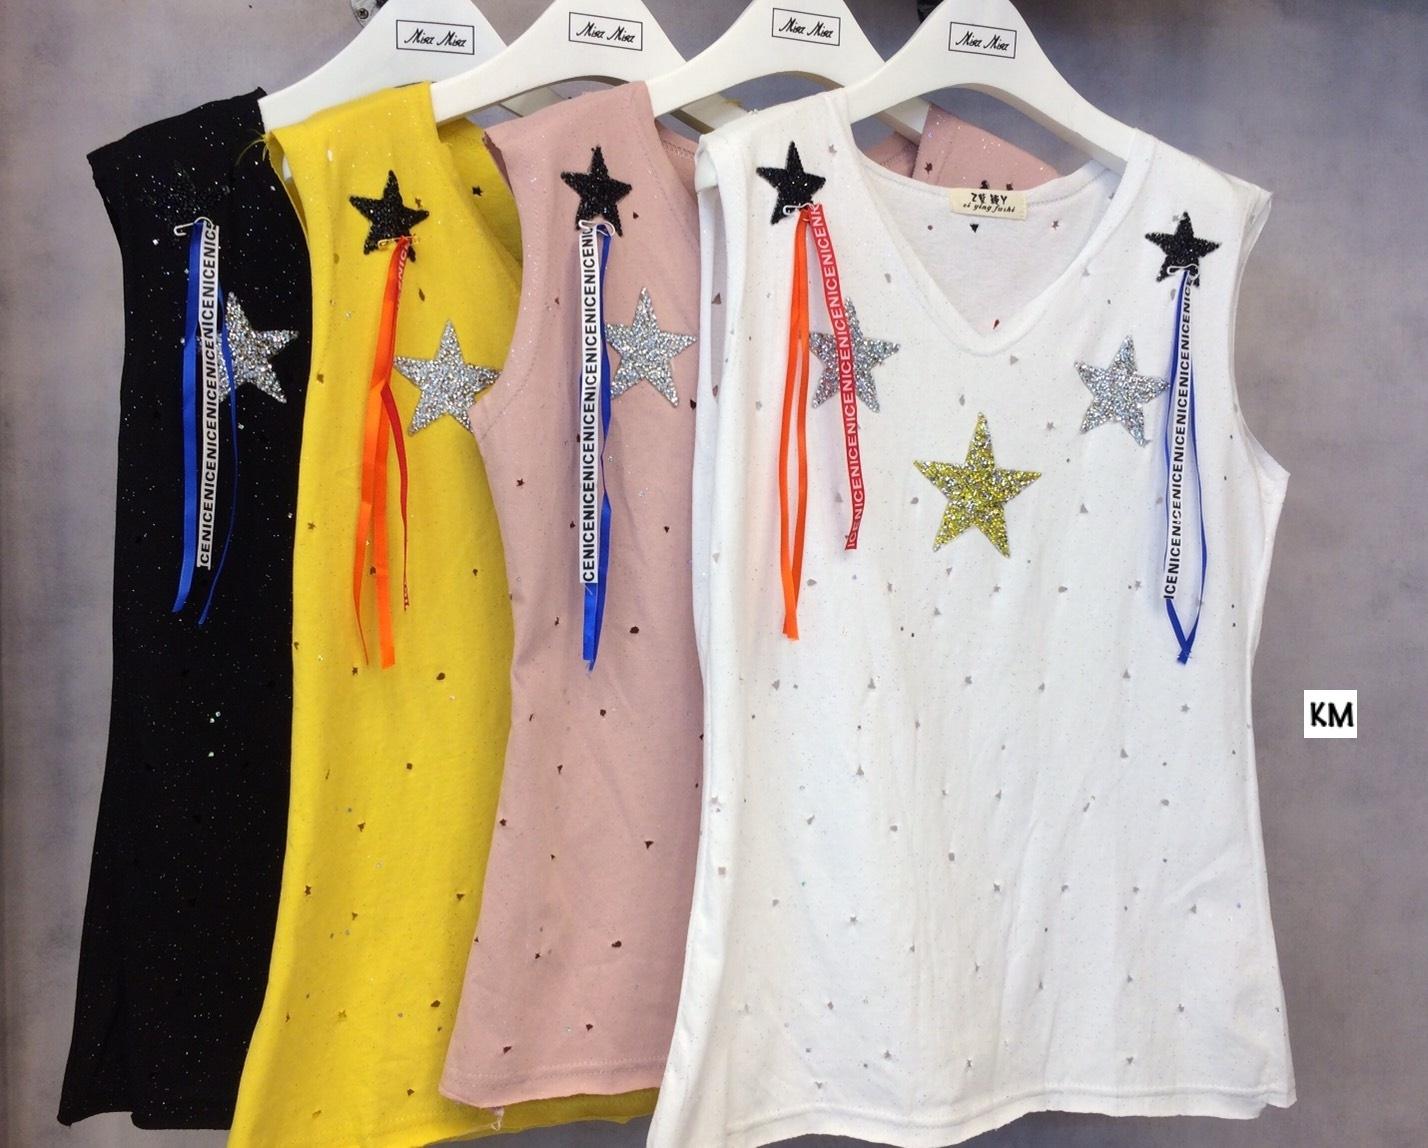 เสื้อผ้าเกาหลีพร้อมส่ง เสื้อยืดคอวีแขนกุด แต่งเพชรสีๆรูปดาว +เข็มกลัด